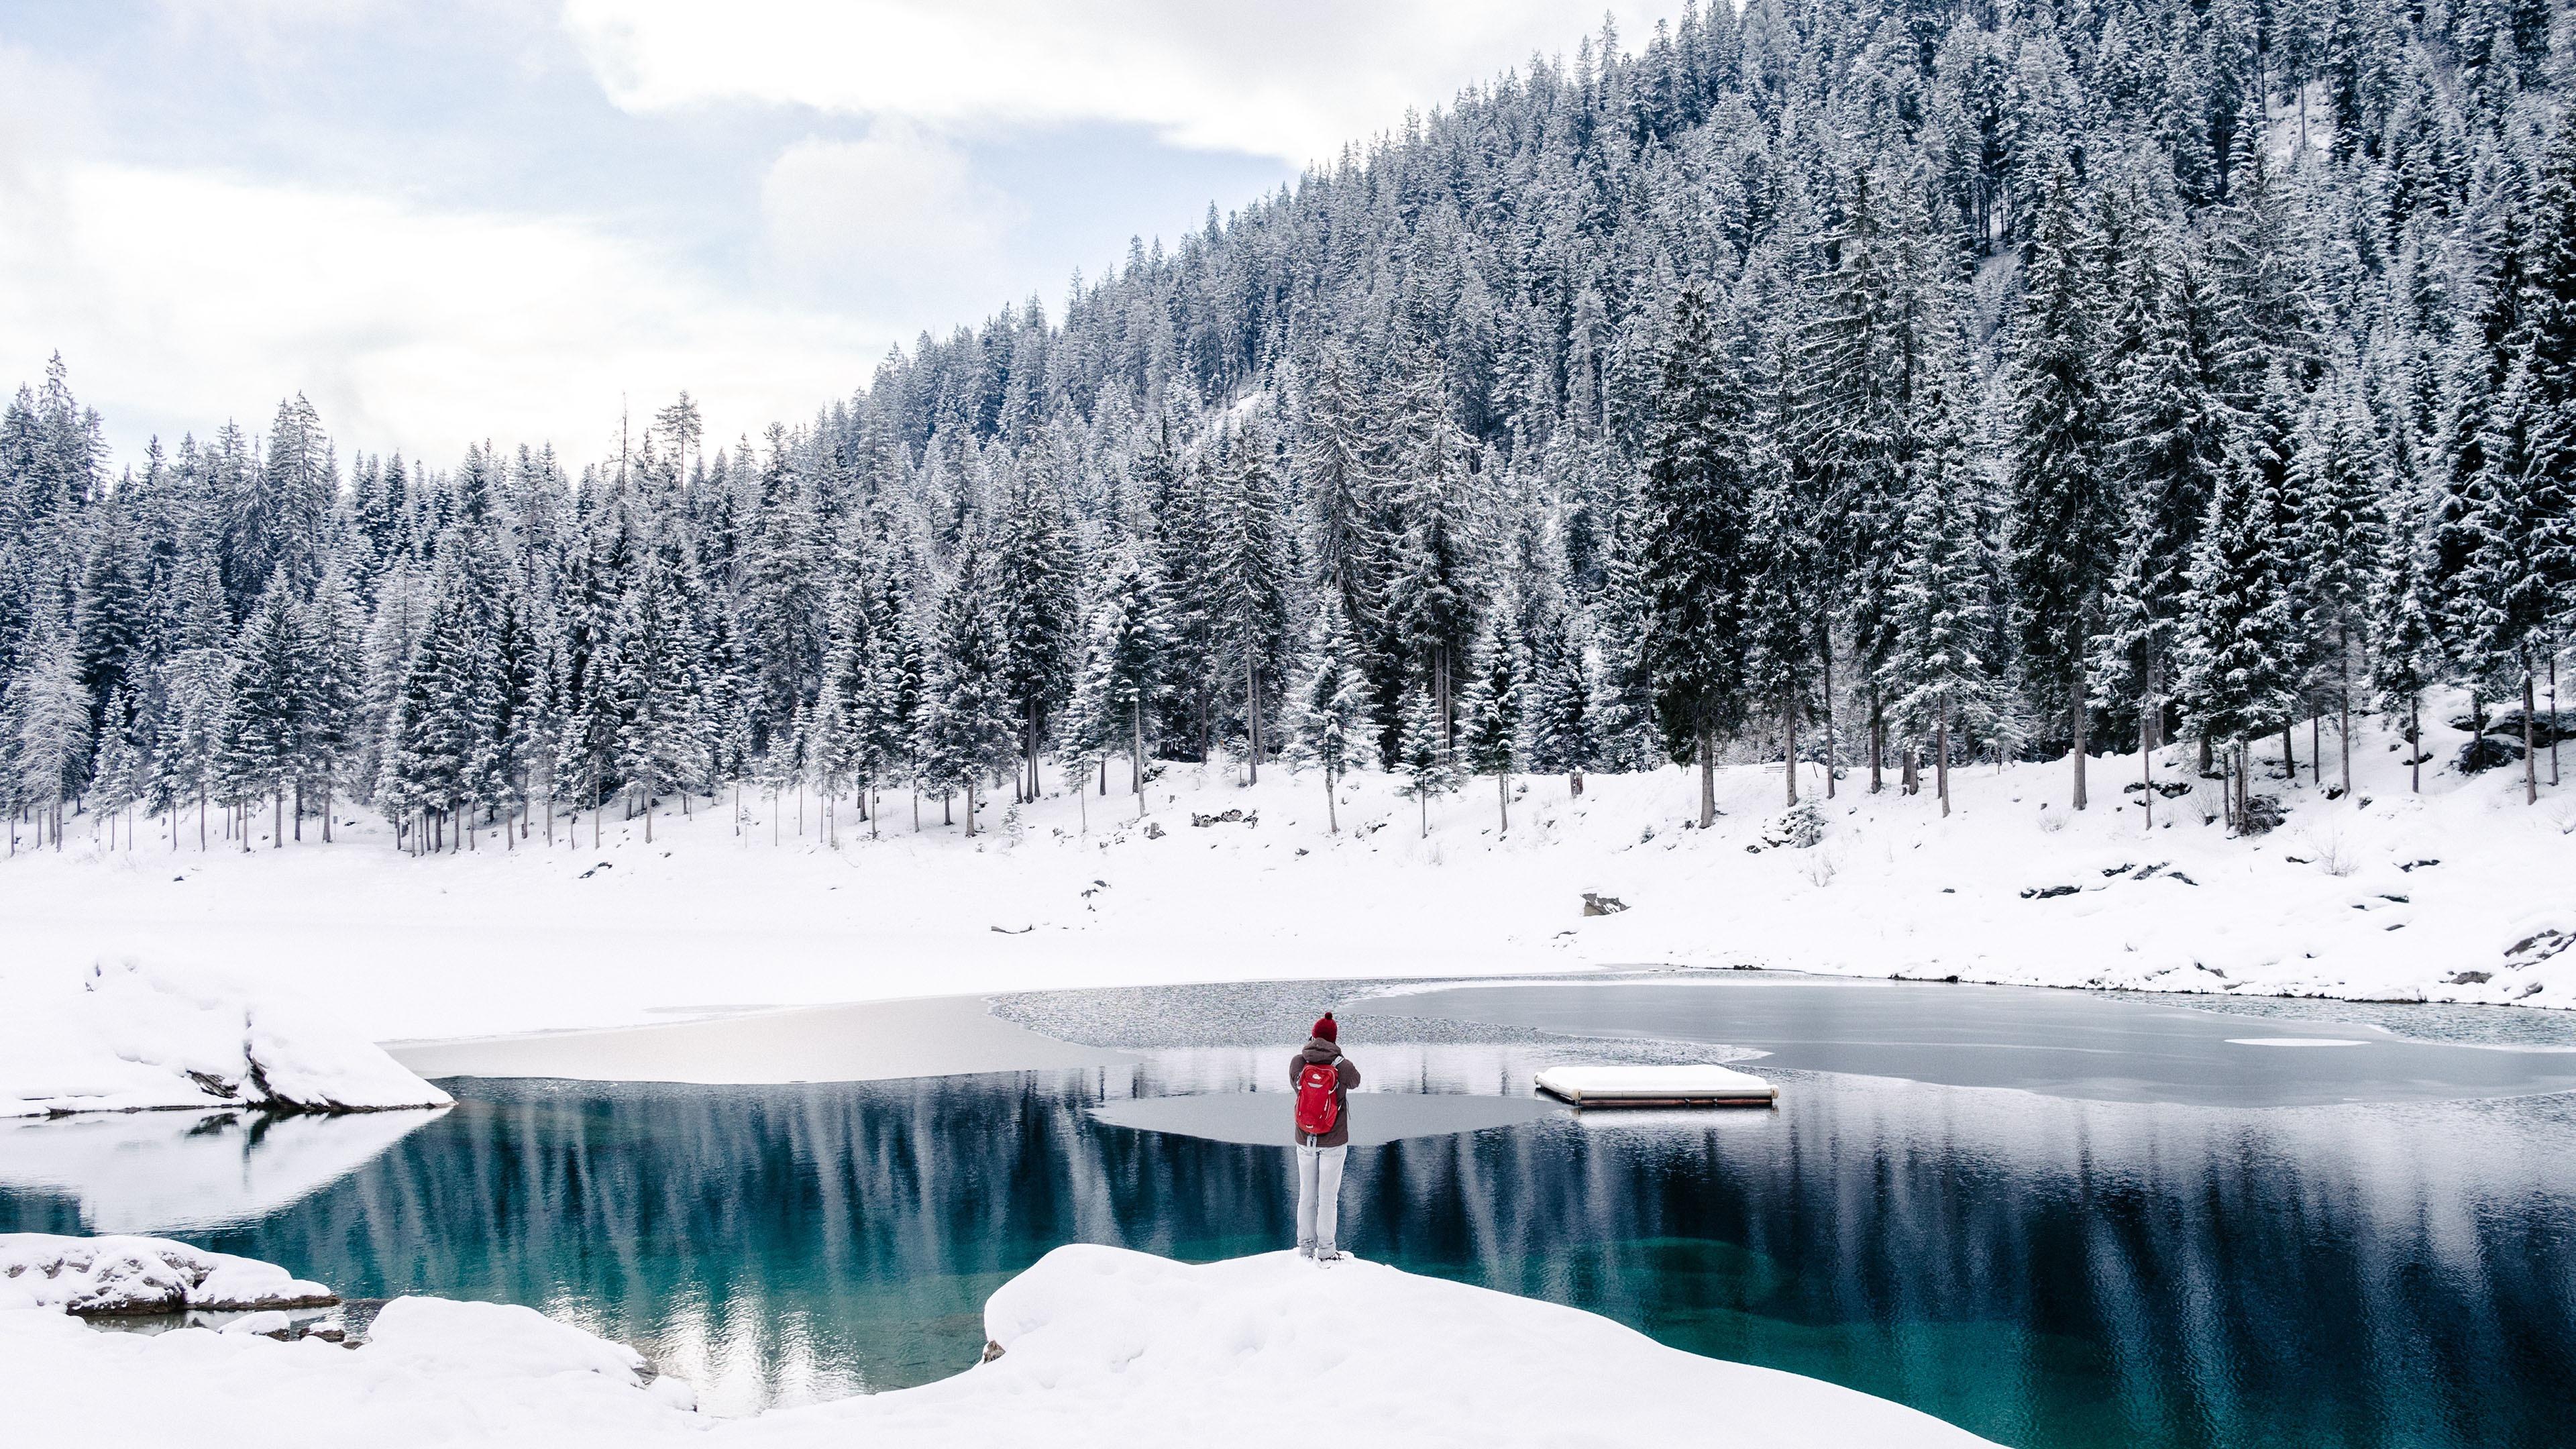 冬季_2018年,冷,冬天,松树,林,湖,摄影预览 | 10wallpaper.com